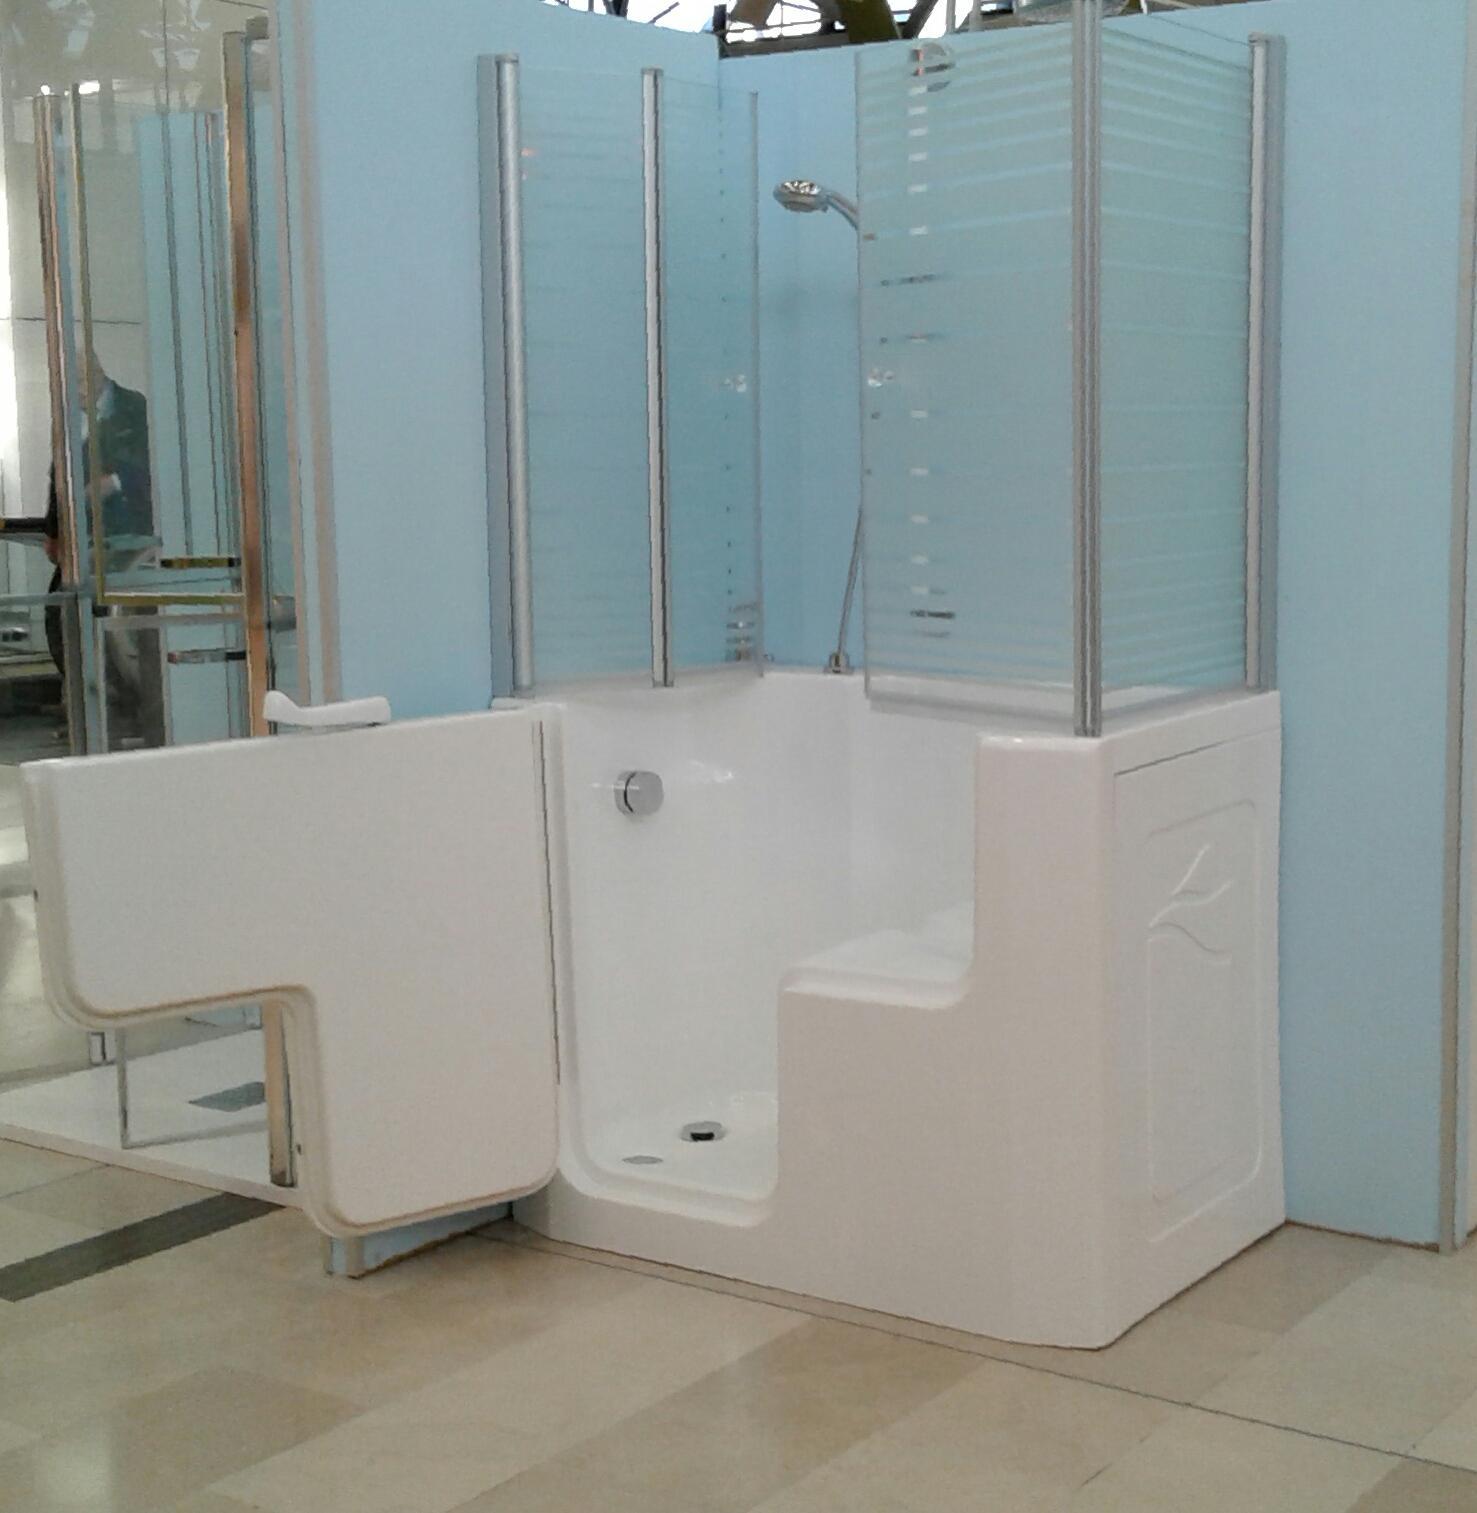 Docce per anziani e disabili sostituzione vasca in doccia - Bagno disabili con doccia ...